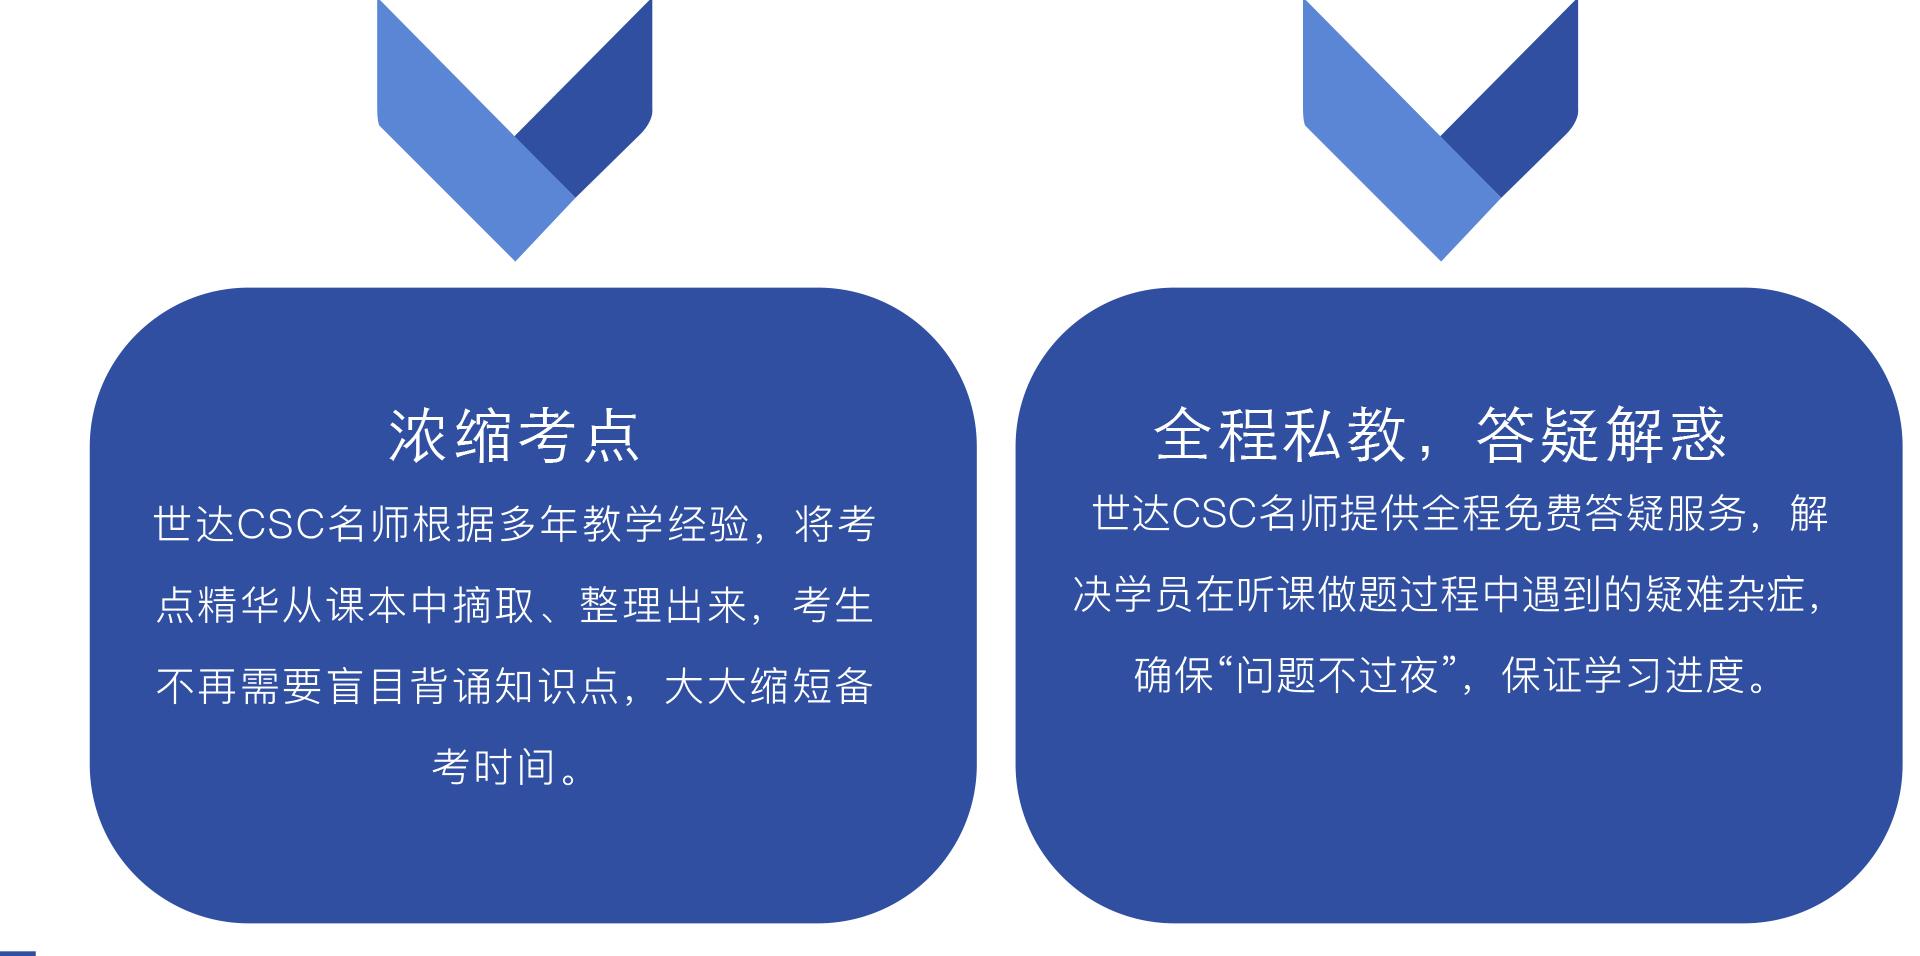 """浓缩考点-世达CSC名师根据多年教学经验,将考点精华从课本中摘取、整理出来,考生不再需要盲目背诵知识点,大大缩短备 考时间。全程私教,答疑解惑-世达CSC名师提供全程免费答疑服务,解 决学员在听课做题过程中遇到的疑难杂症, 确保""""问题不过夜"""",保证学习进度。"""